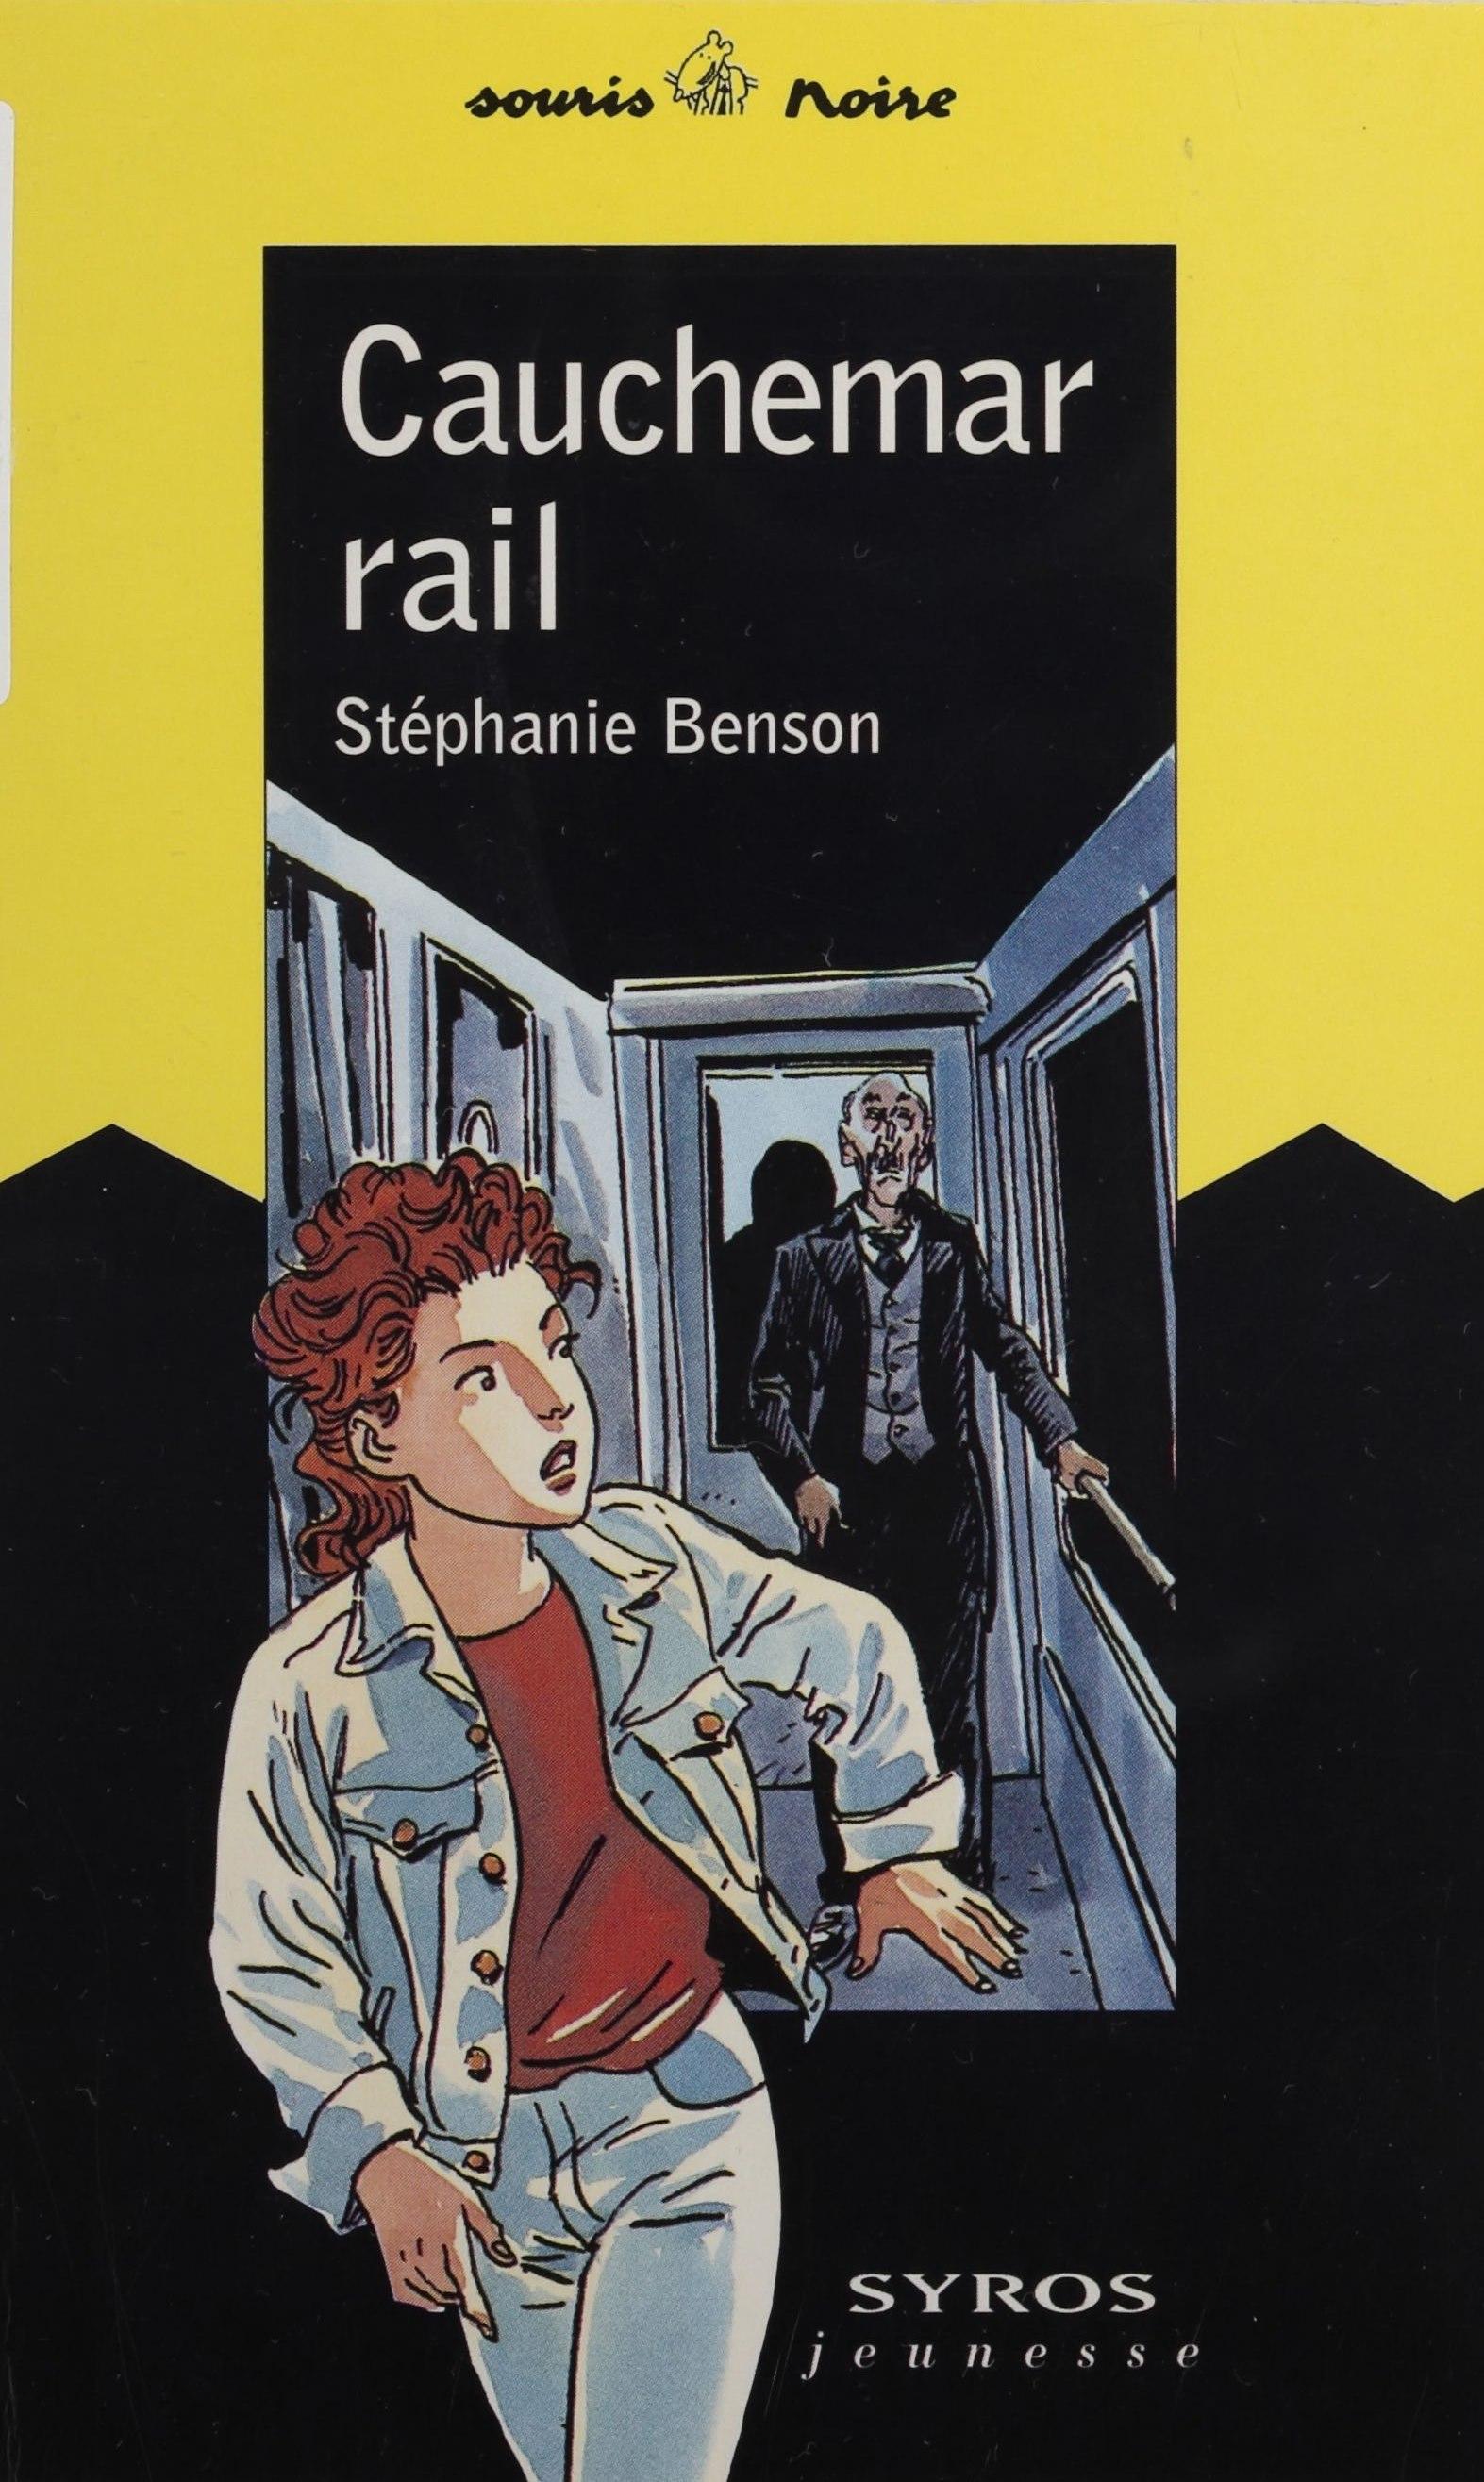 Cauchemar-rail